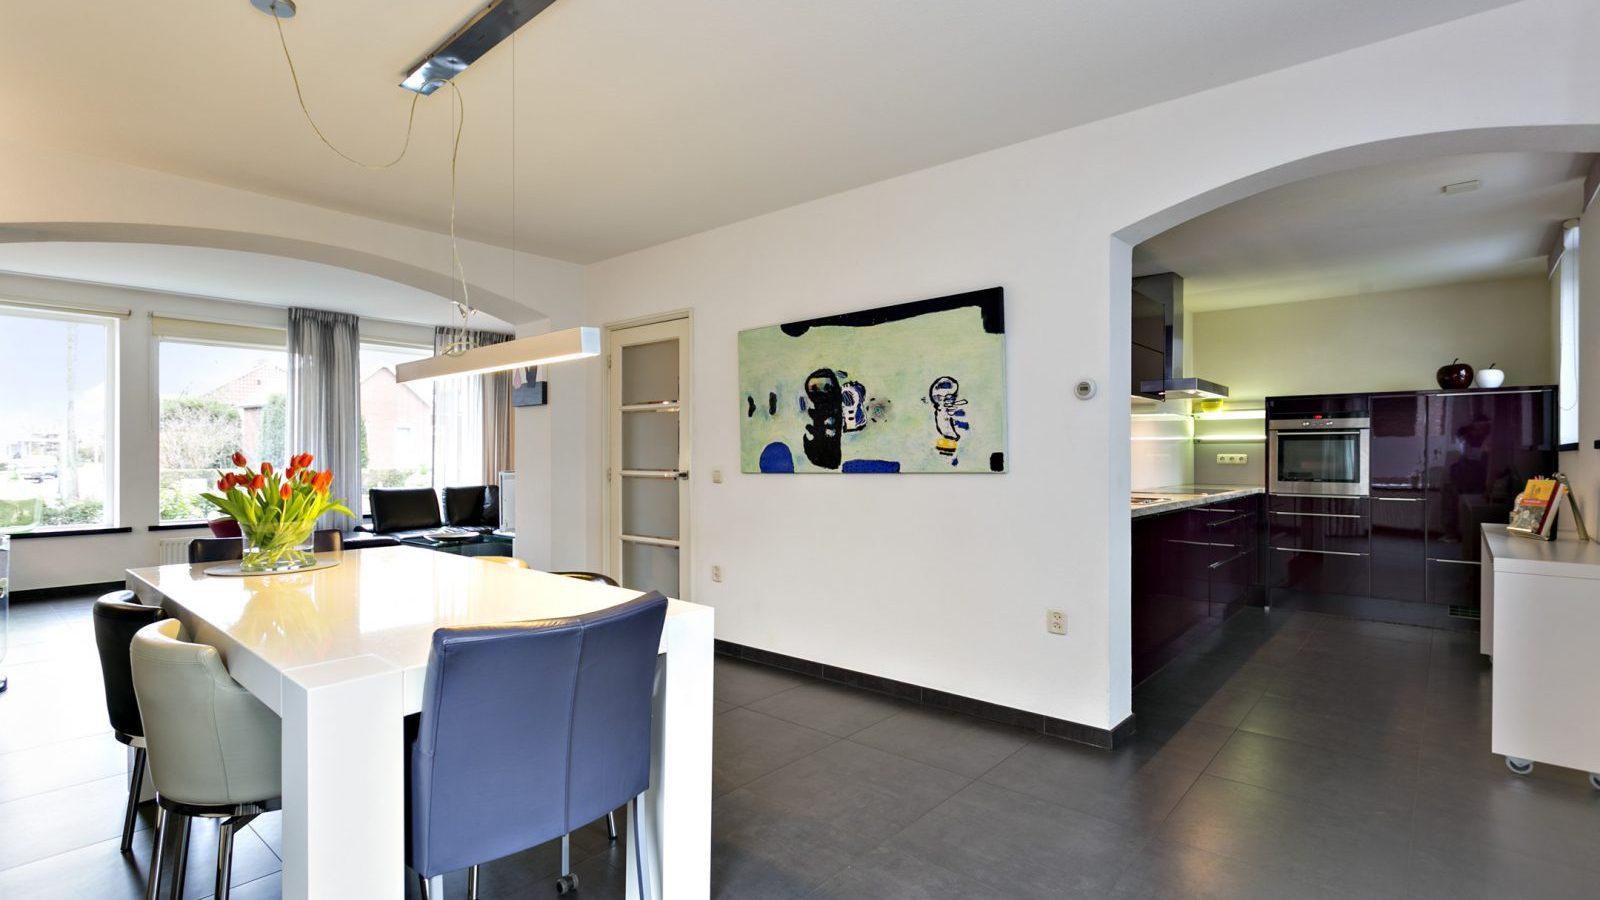 CharlesRuysstraat50Roermond-14-1600x1067